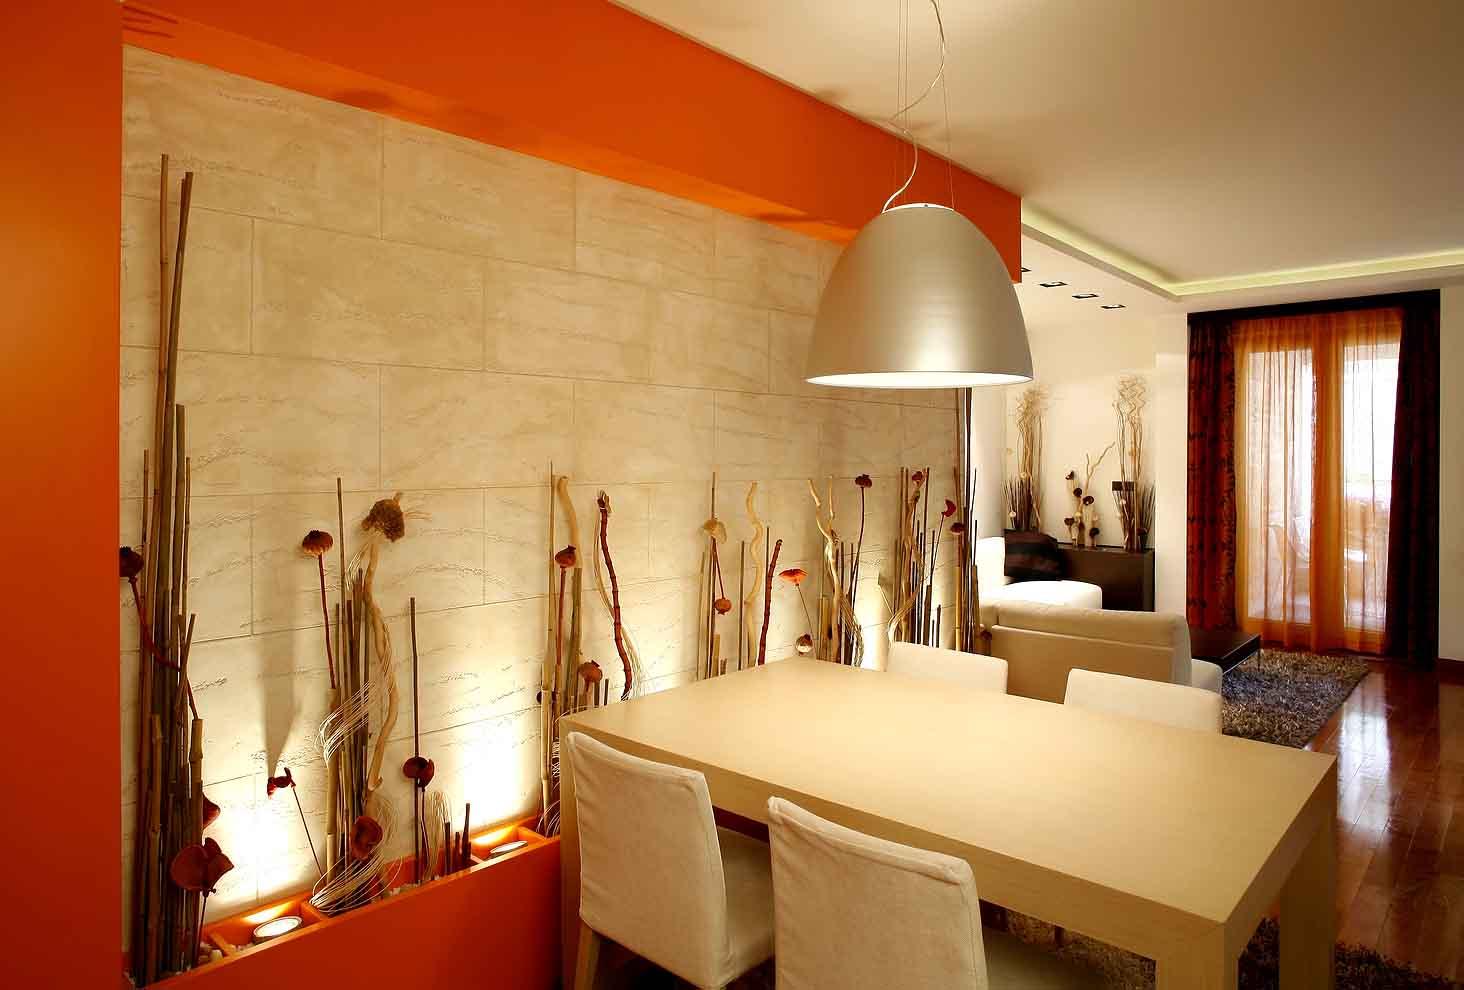 Ниша в комнате декоративная